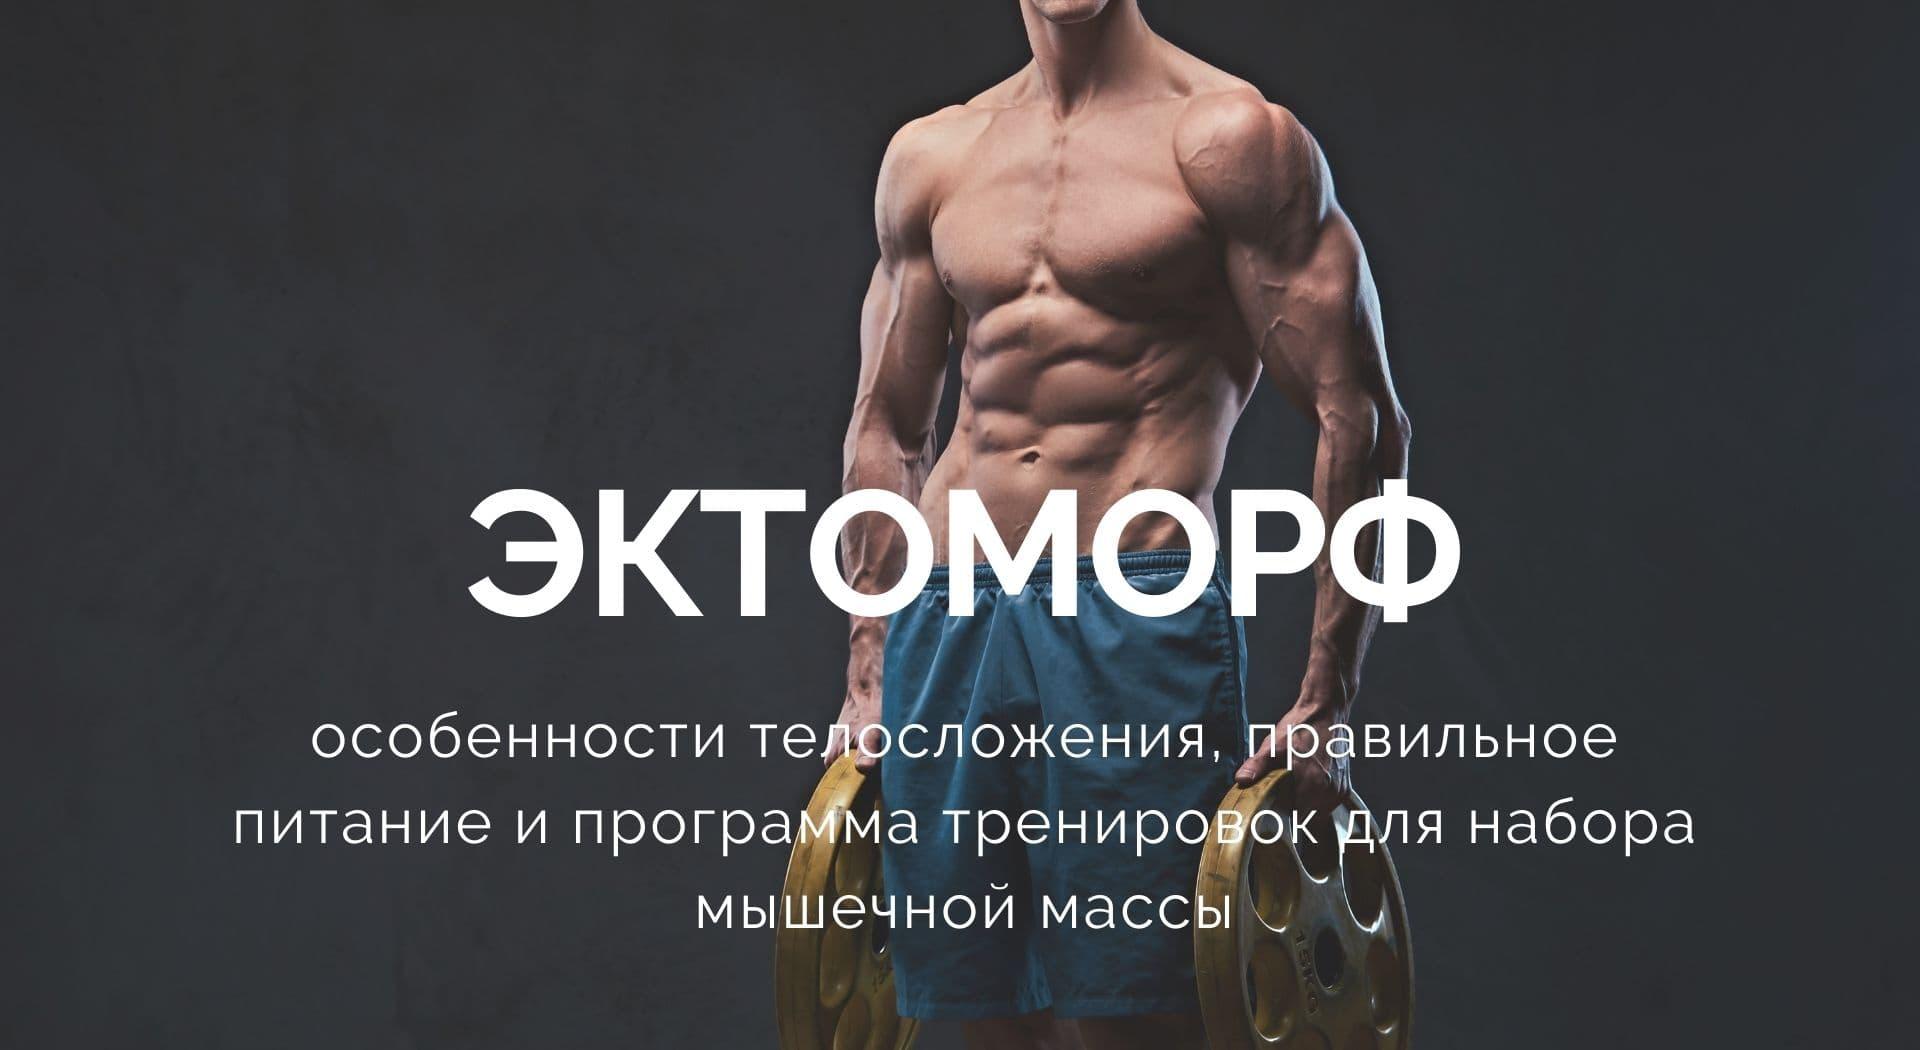 Эктоморф: особенности телосложения, правильное питание и программа тренировок для набора мышечной массы